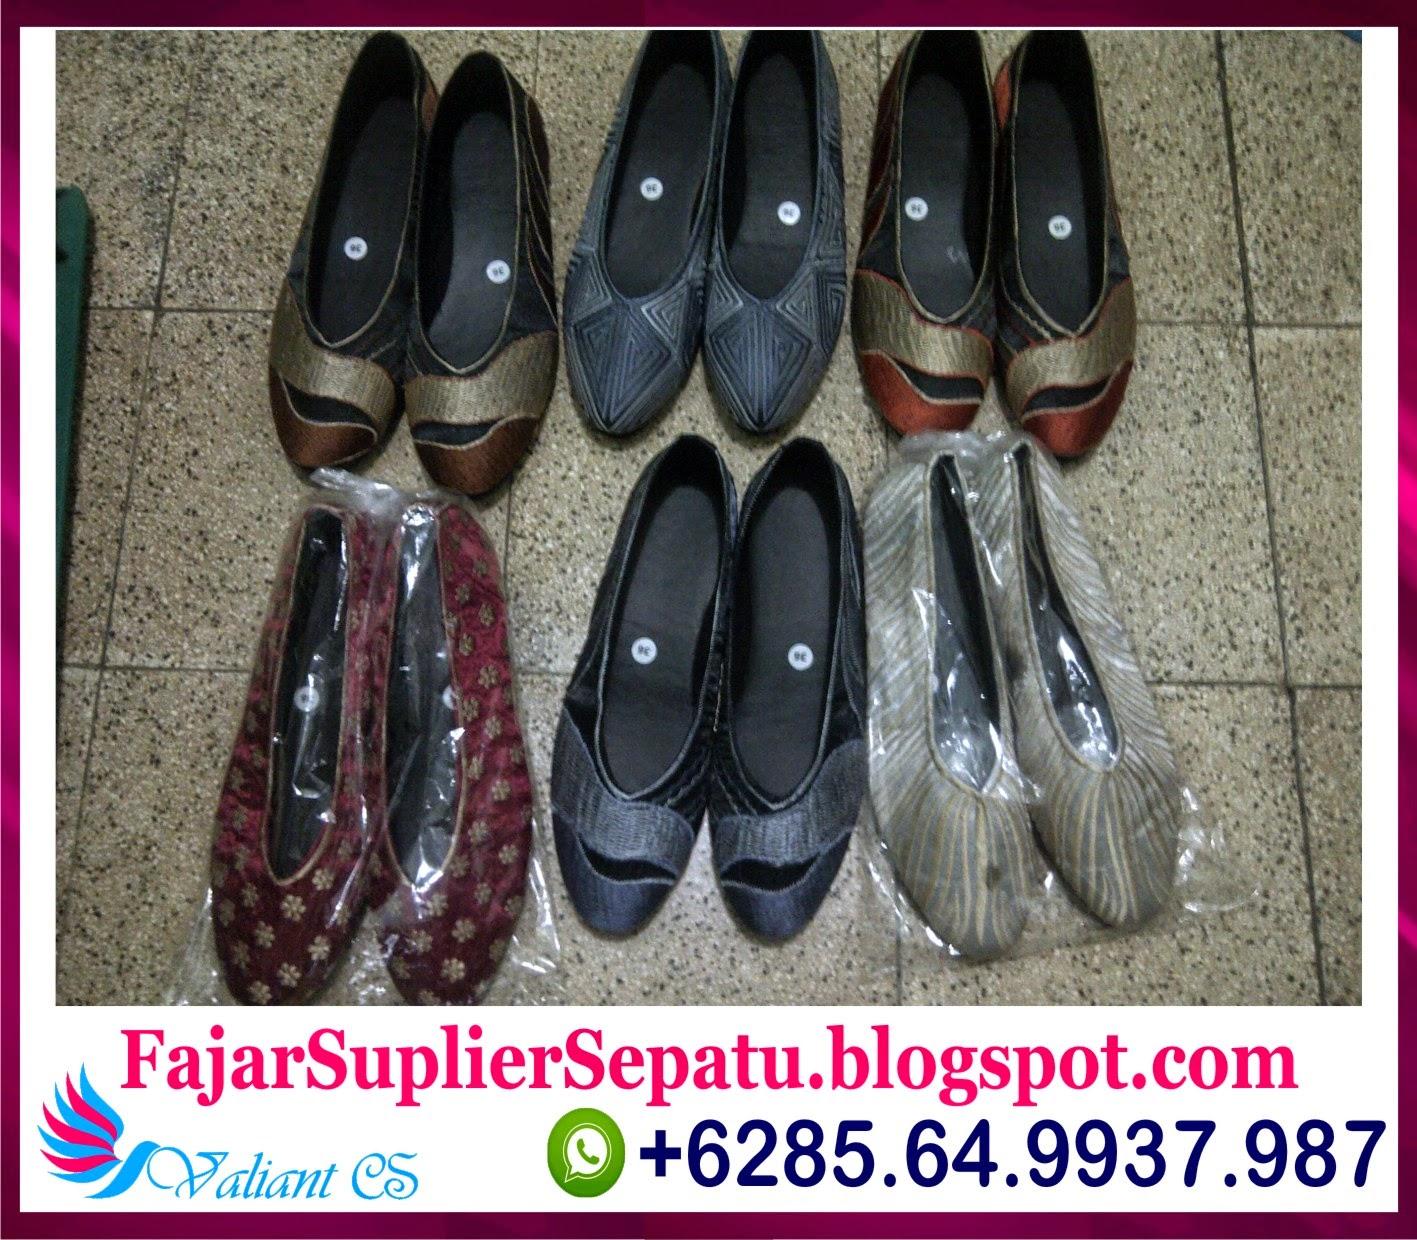 Sepatu Bordir Murah, Jual Sepatu Wanita Ukuran Besar, Model Sepatu Wanita 2014, +62.8564.993.7987